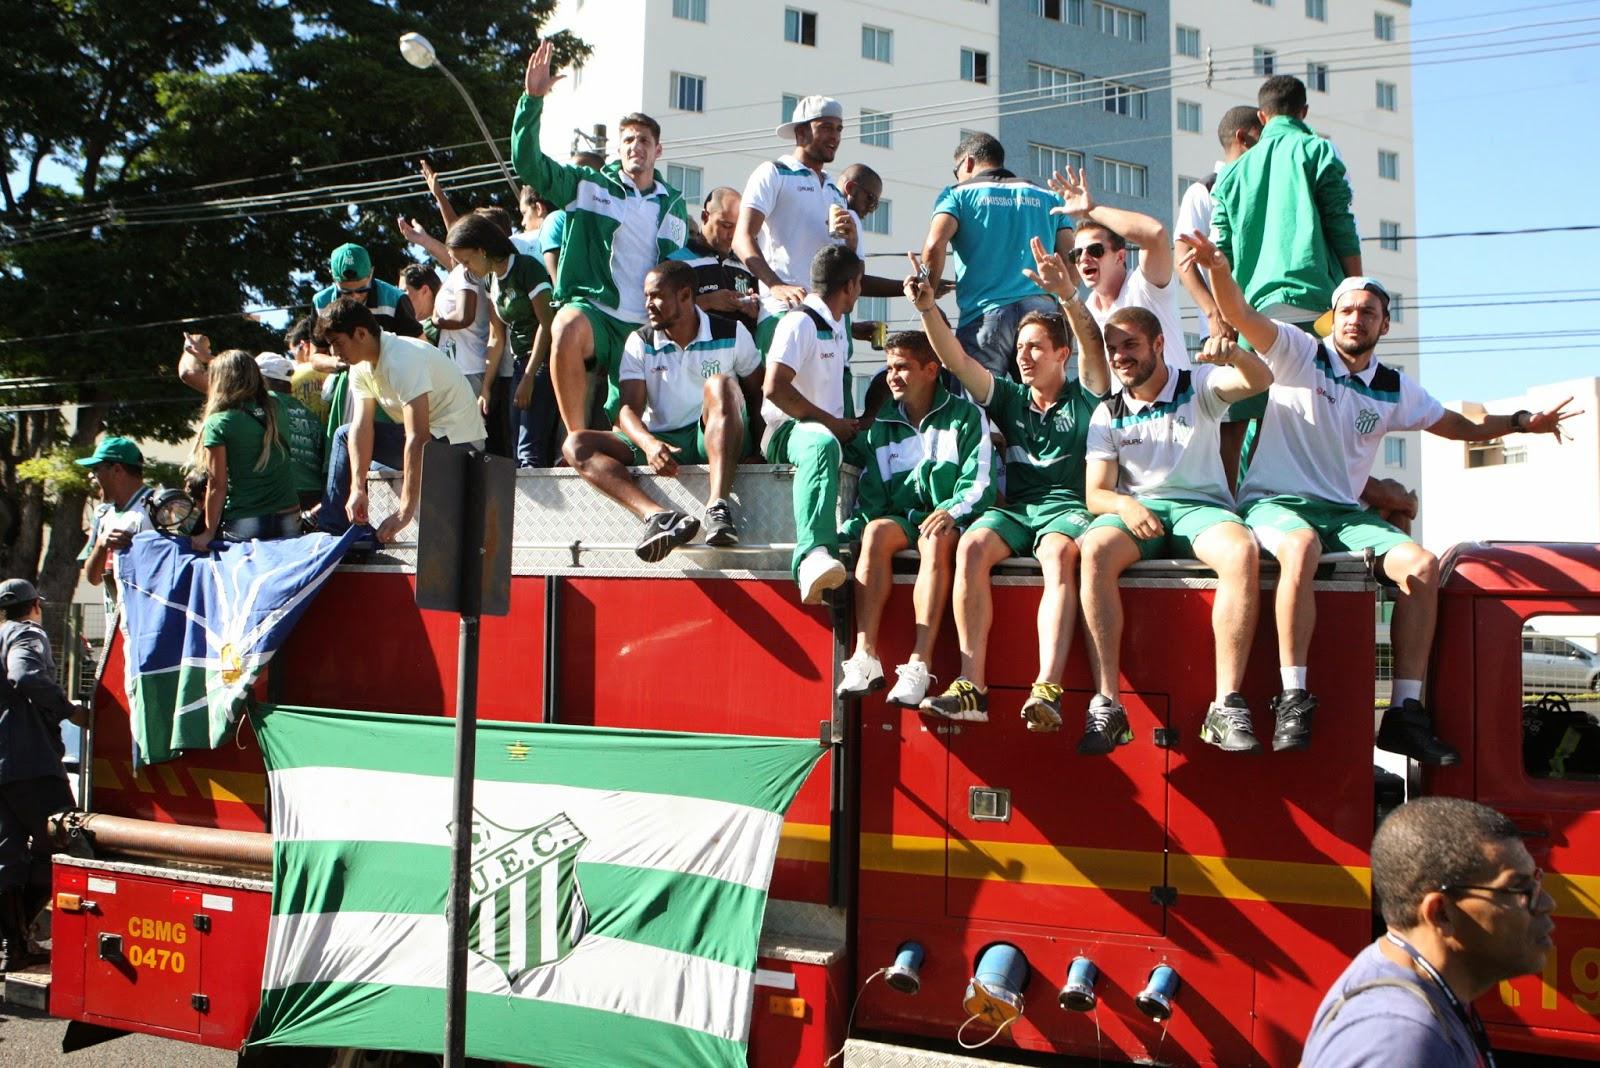 O time do Uberlândia Esporte Clube foi recebido com festa na manhã desta  segunda-feira (25), após vencer o Ipatinga no Vale do Aço e conquistar, ... 134edc1dc0